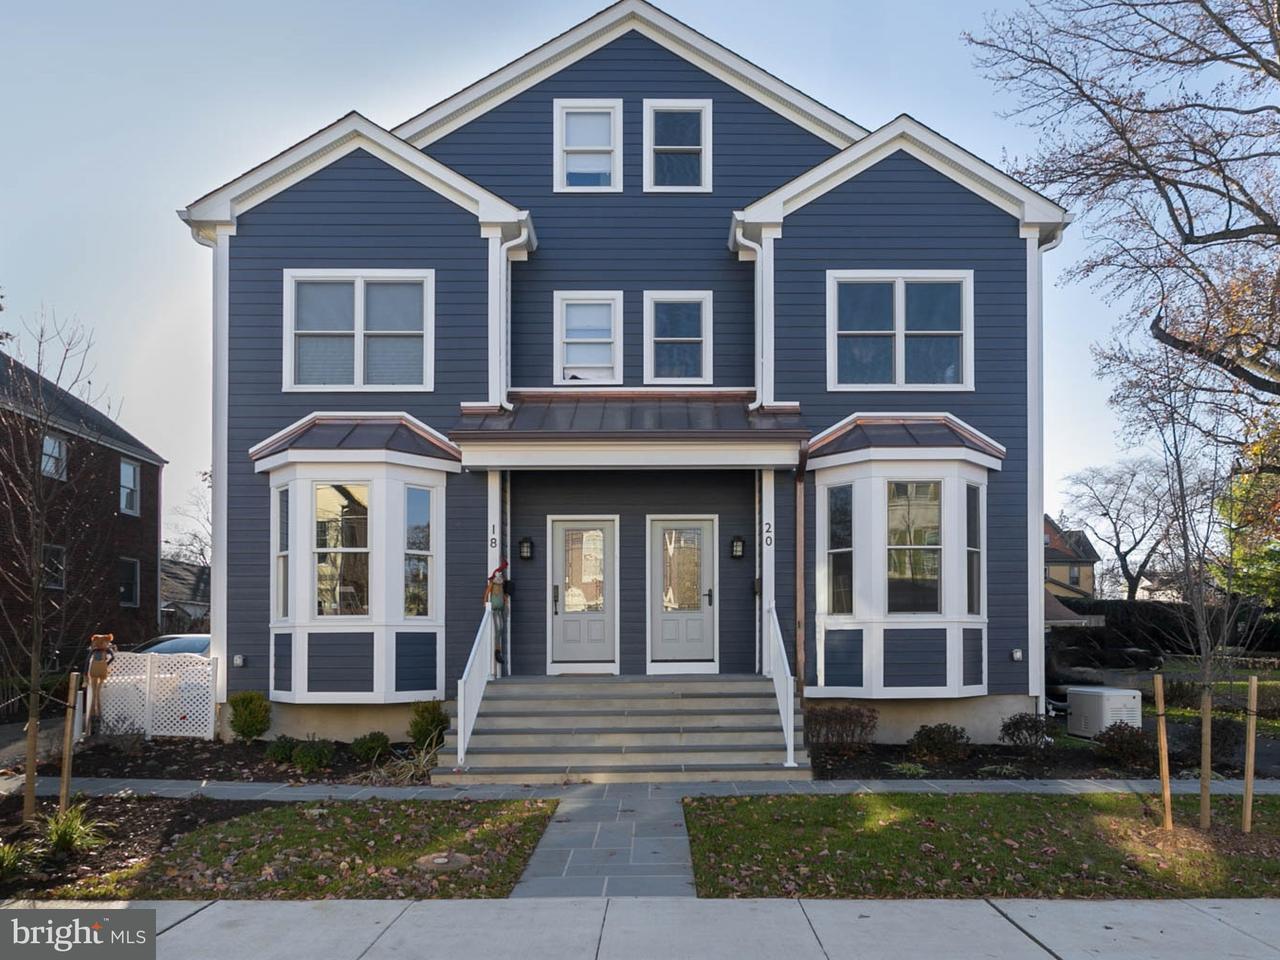 タウンハウス のために 売買 アット 20 HUMBERT Street Princeton, ニュージャージー 08542 アメリカ合衆国で/アラウンド: Princeton